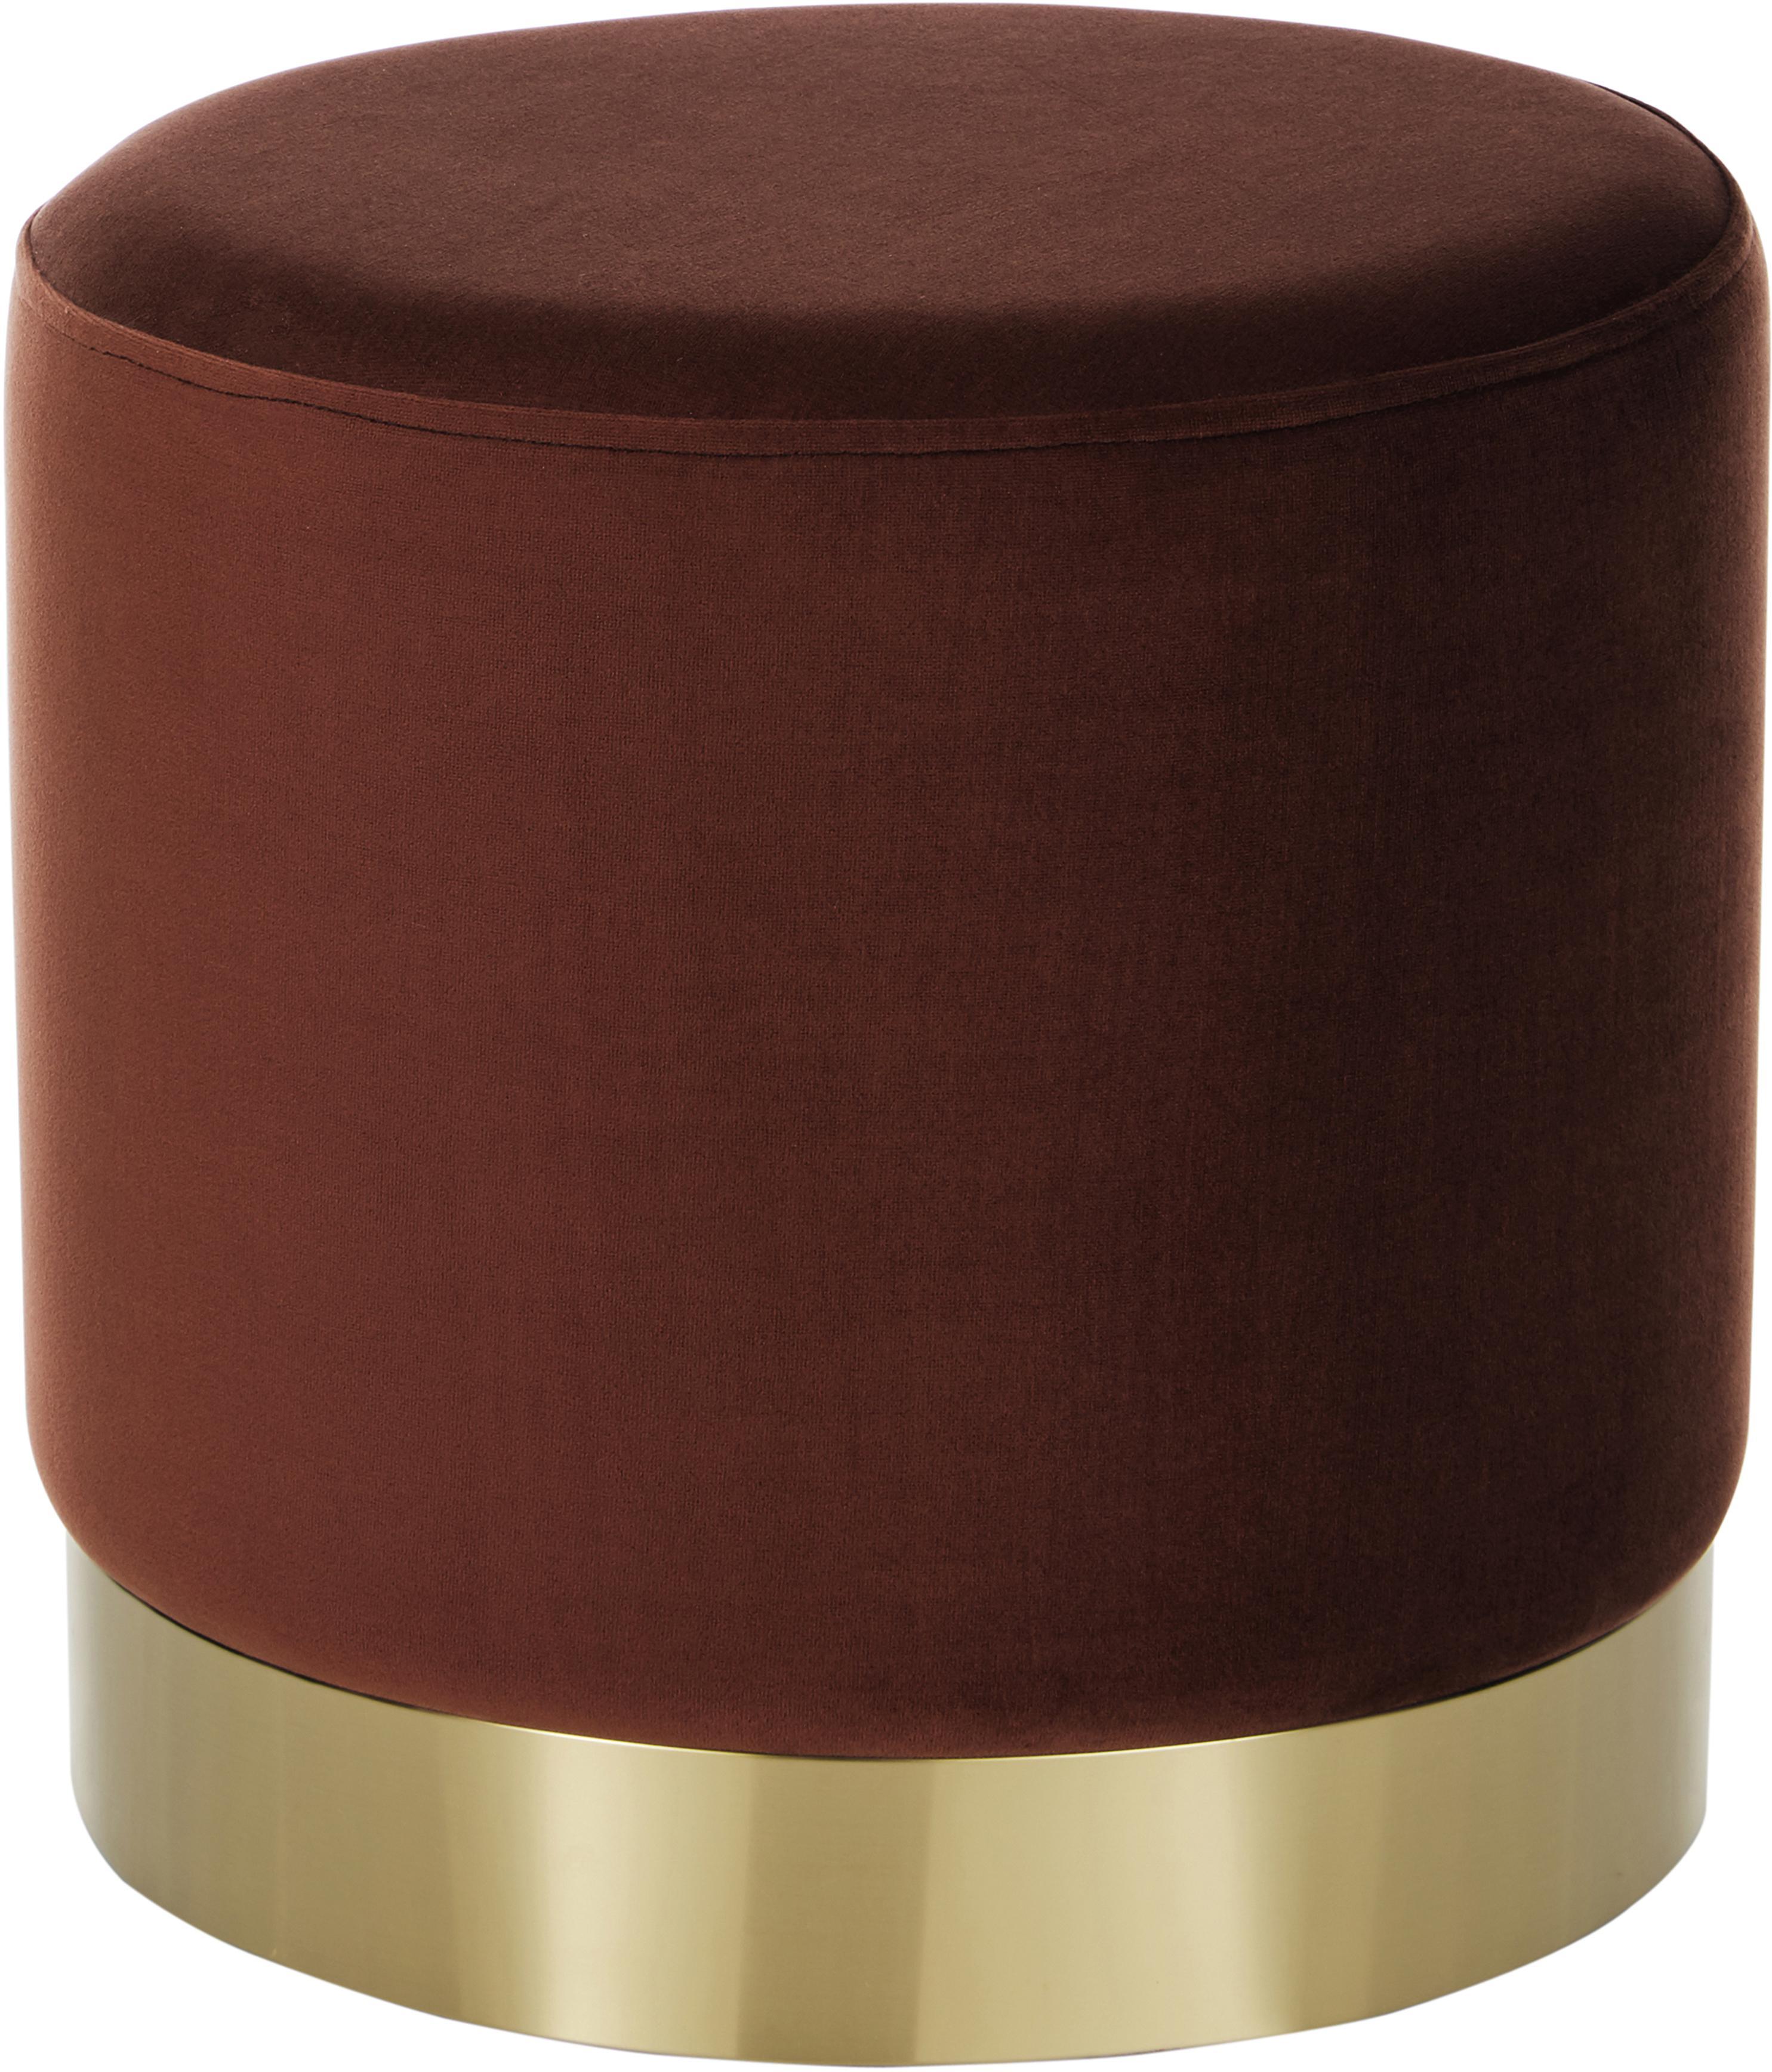 Puf z aksamitu Orchid, Tapicerka: aksamit (poliester) 2500, Tapicerka: rudy Podstawa: odcienie złotego, Ø 38 x W 38 cm